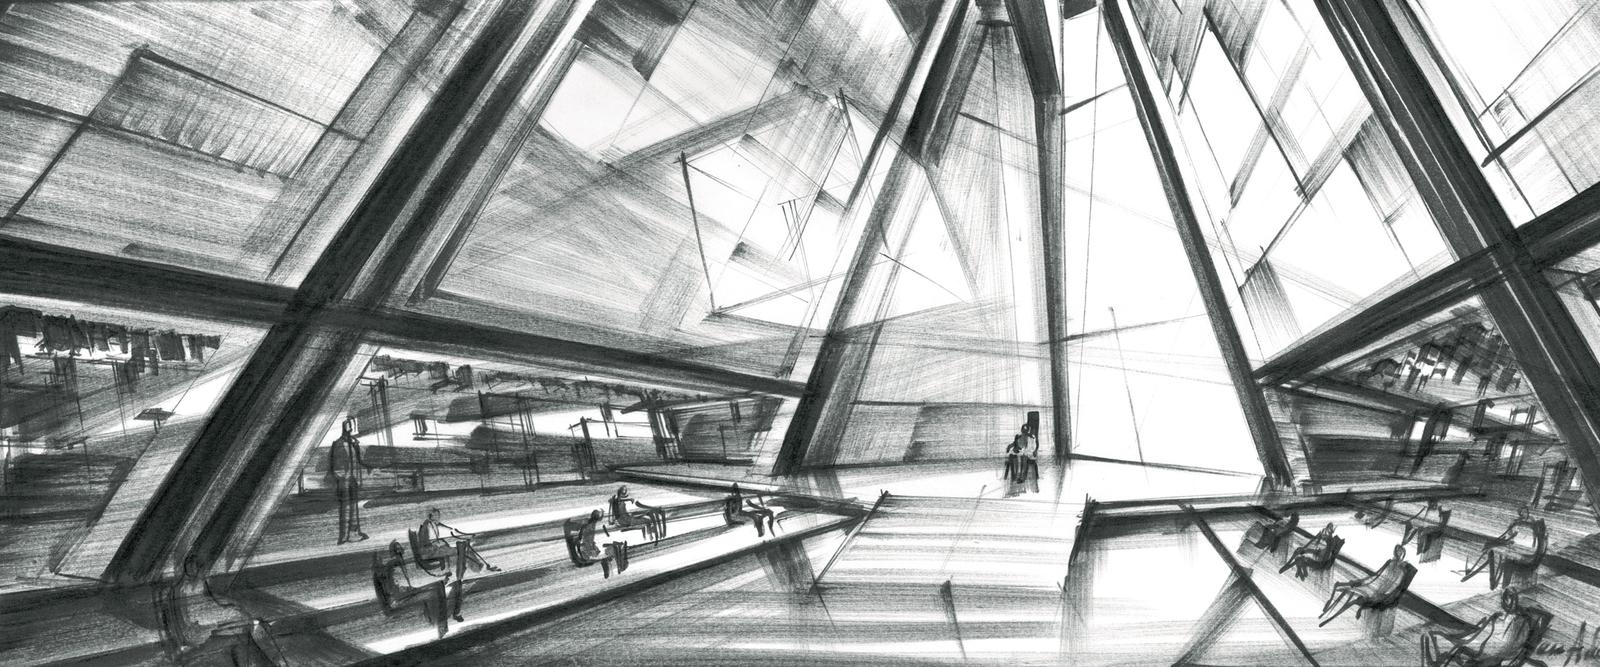 Entwurf von Ken Adam zum Film Moonraker von Lewis Gilbert